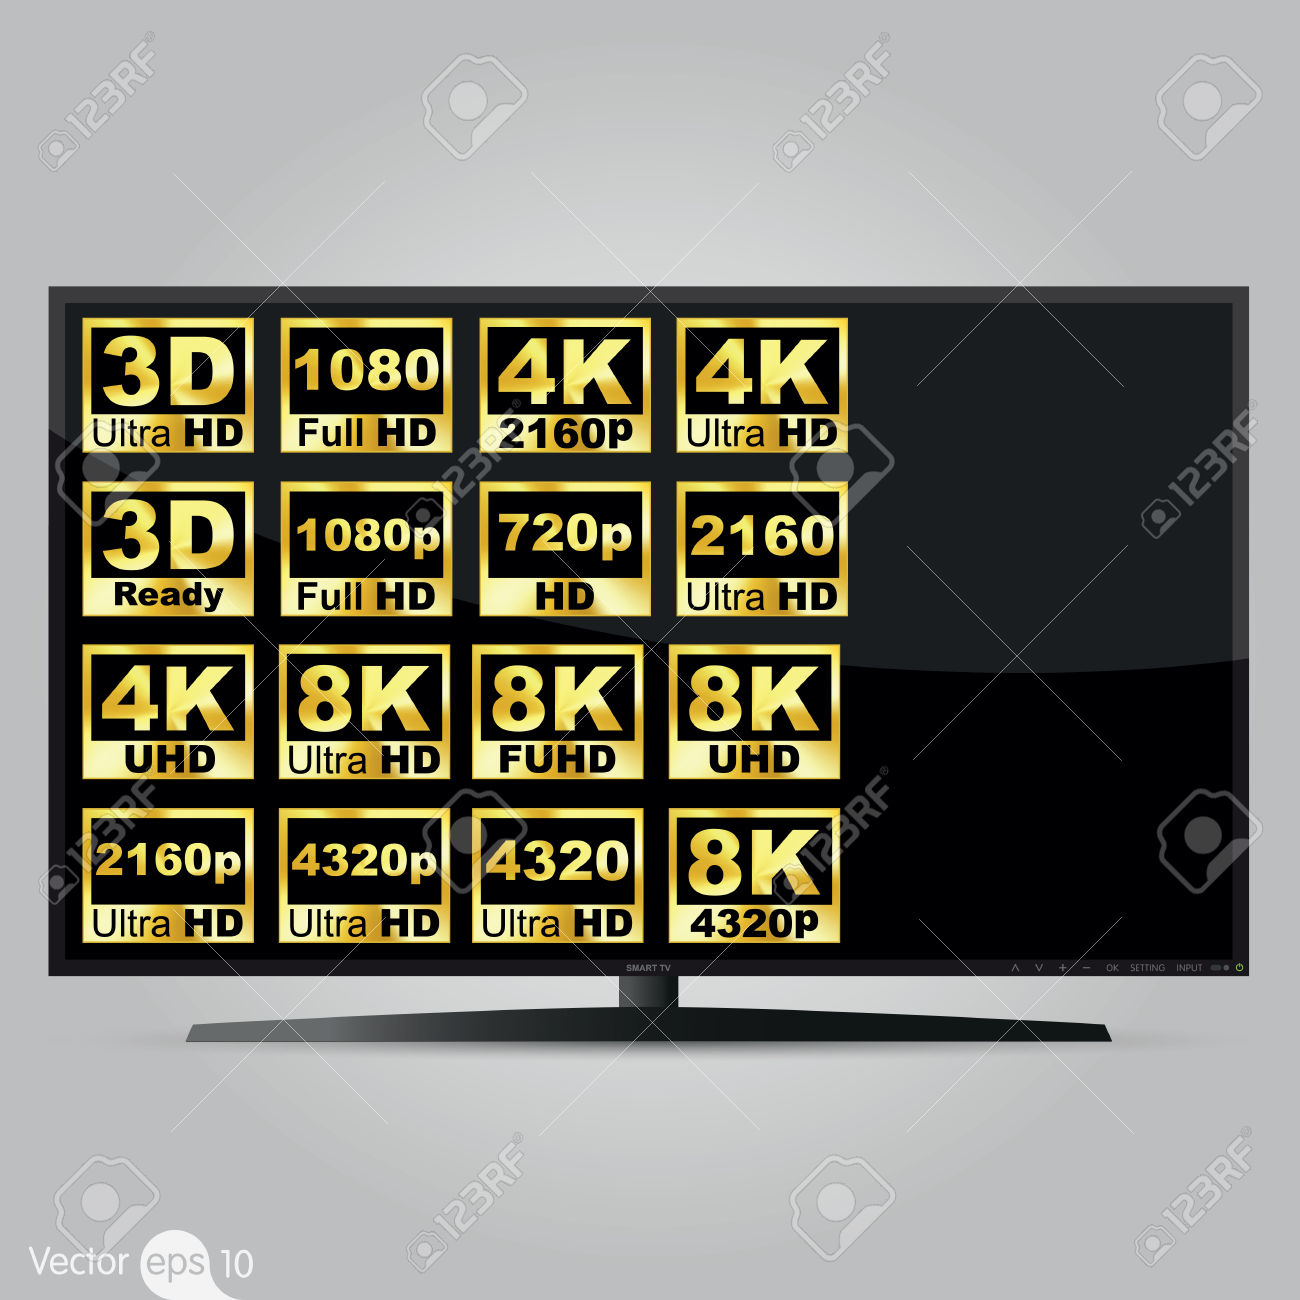 Alta Definizione Dello Schermo Della Televisione Digitale Clipart.